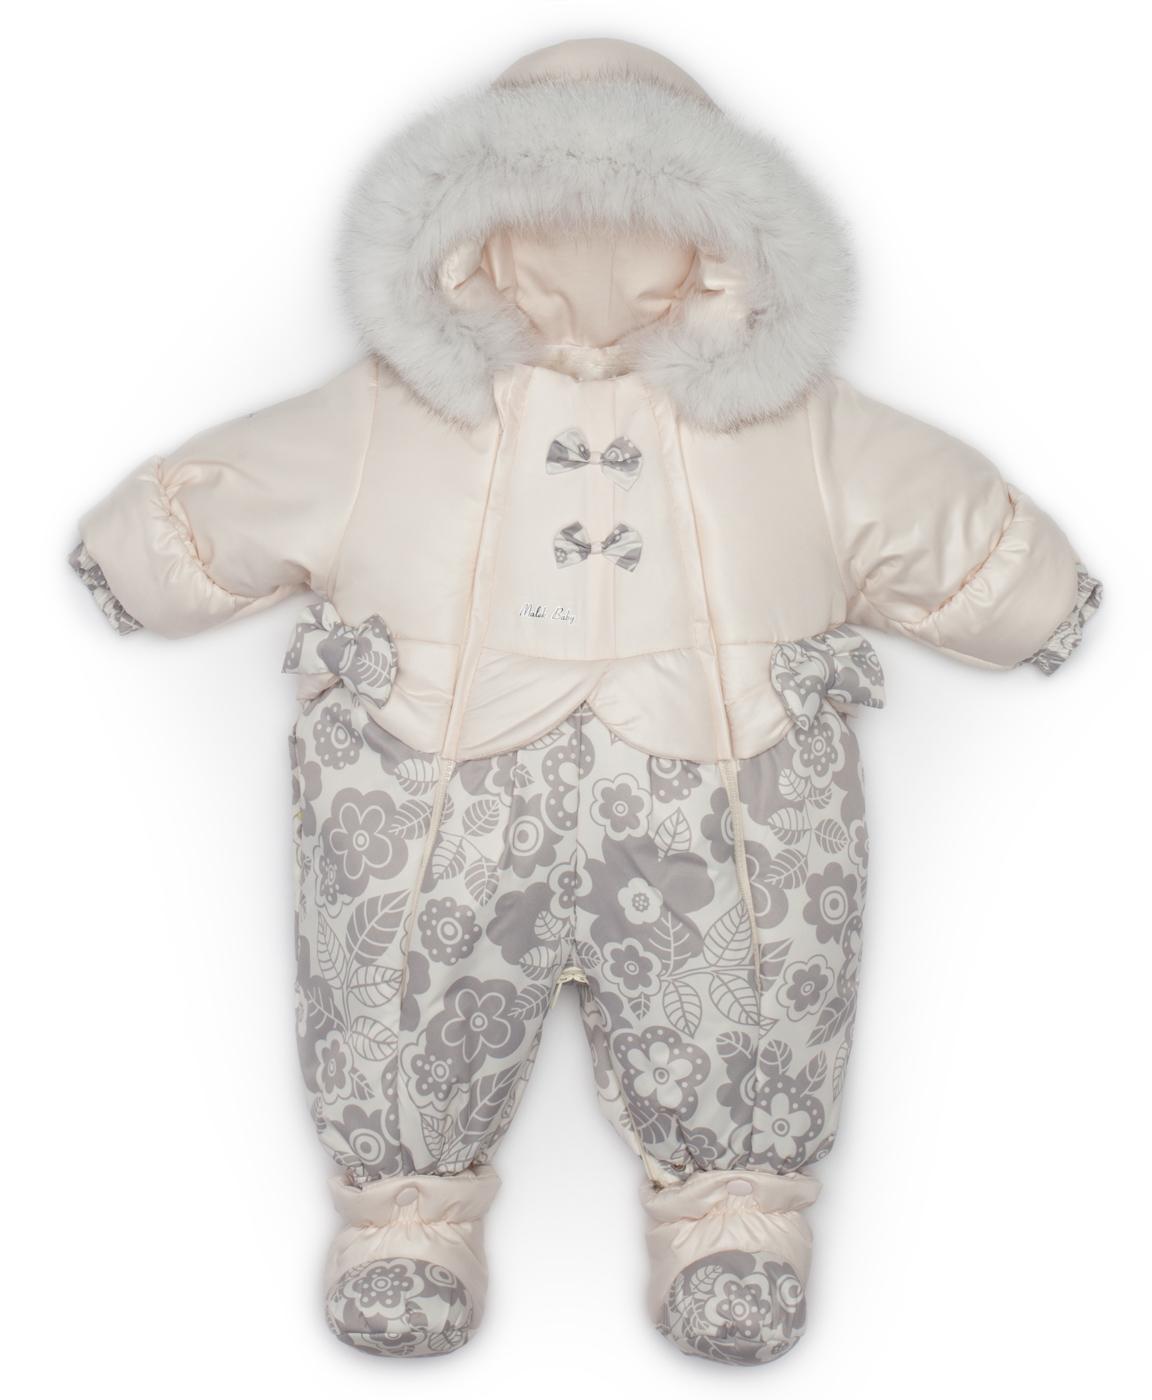 Сбор заказов. M_а_l_e_k B_a_b_y - бренд для самых маленьких - 25. Очаровательная, нежная и тёплая верхняя одежда на